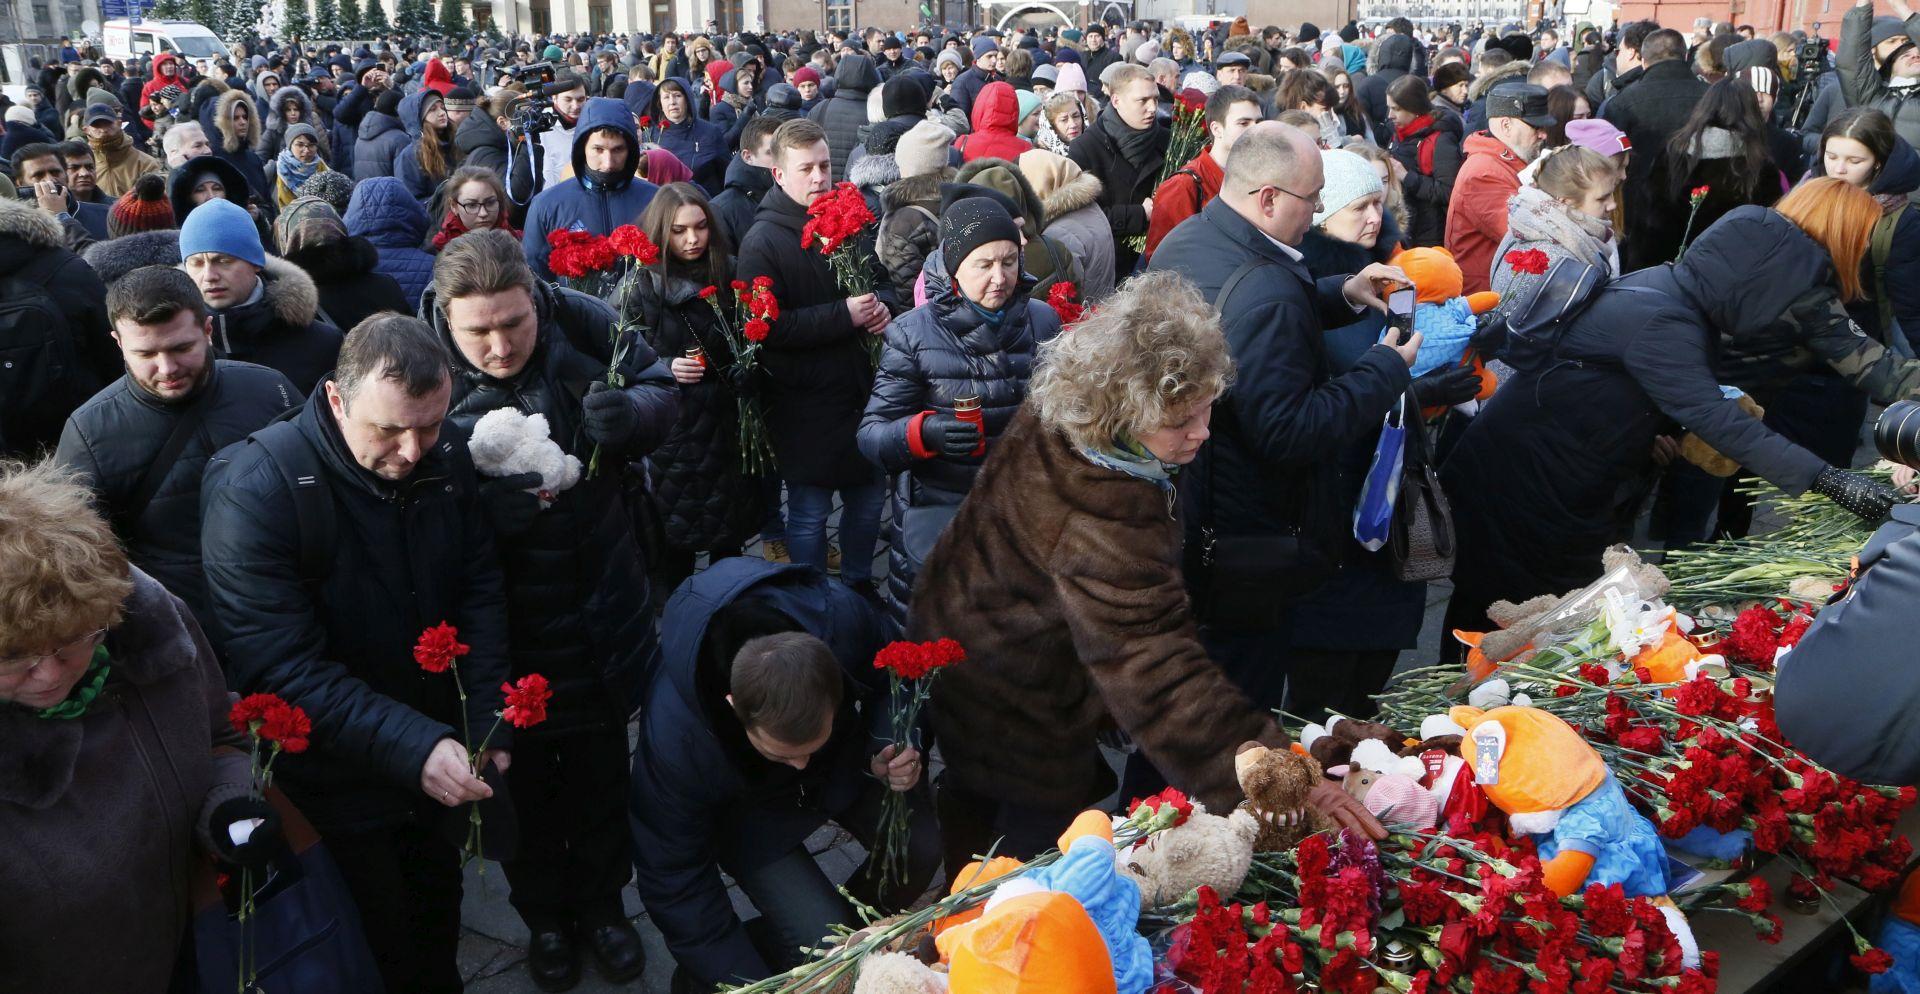 Nakon požara u Kemerovu guverner podnio ostavku